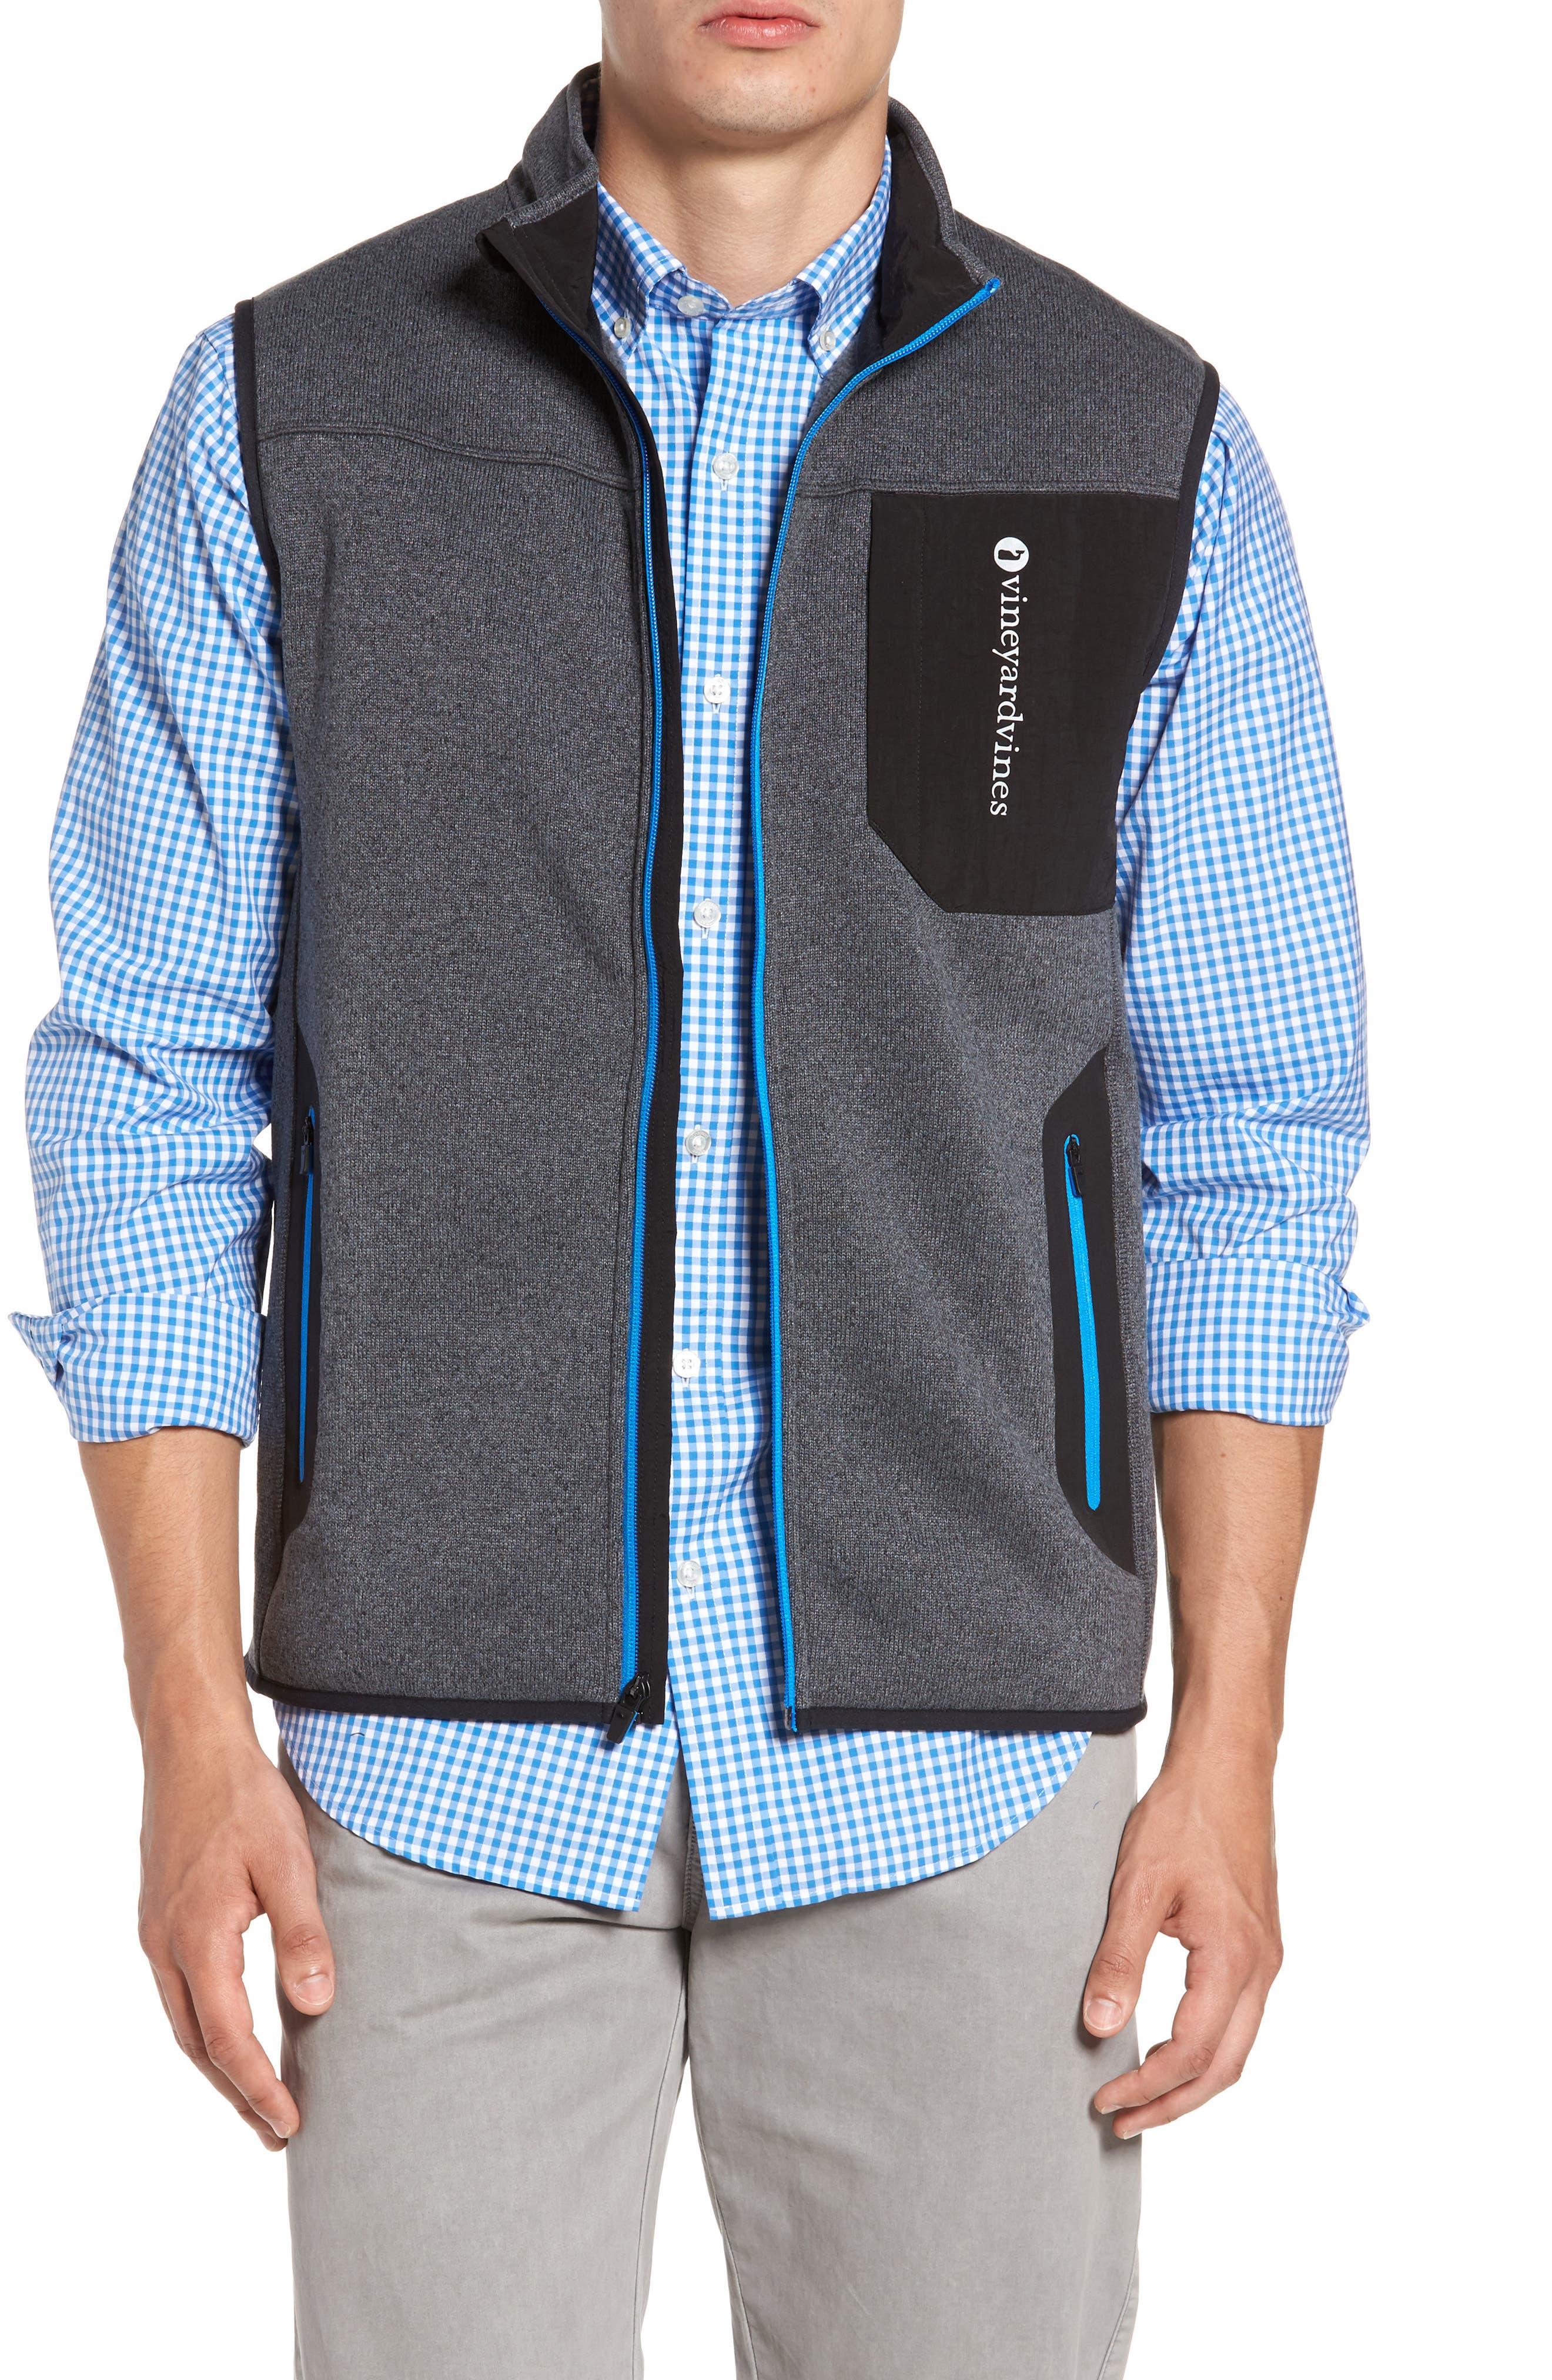 Tech Sweater Fleece Vest,                             Main thumbnail 1, color,                             Charcoal